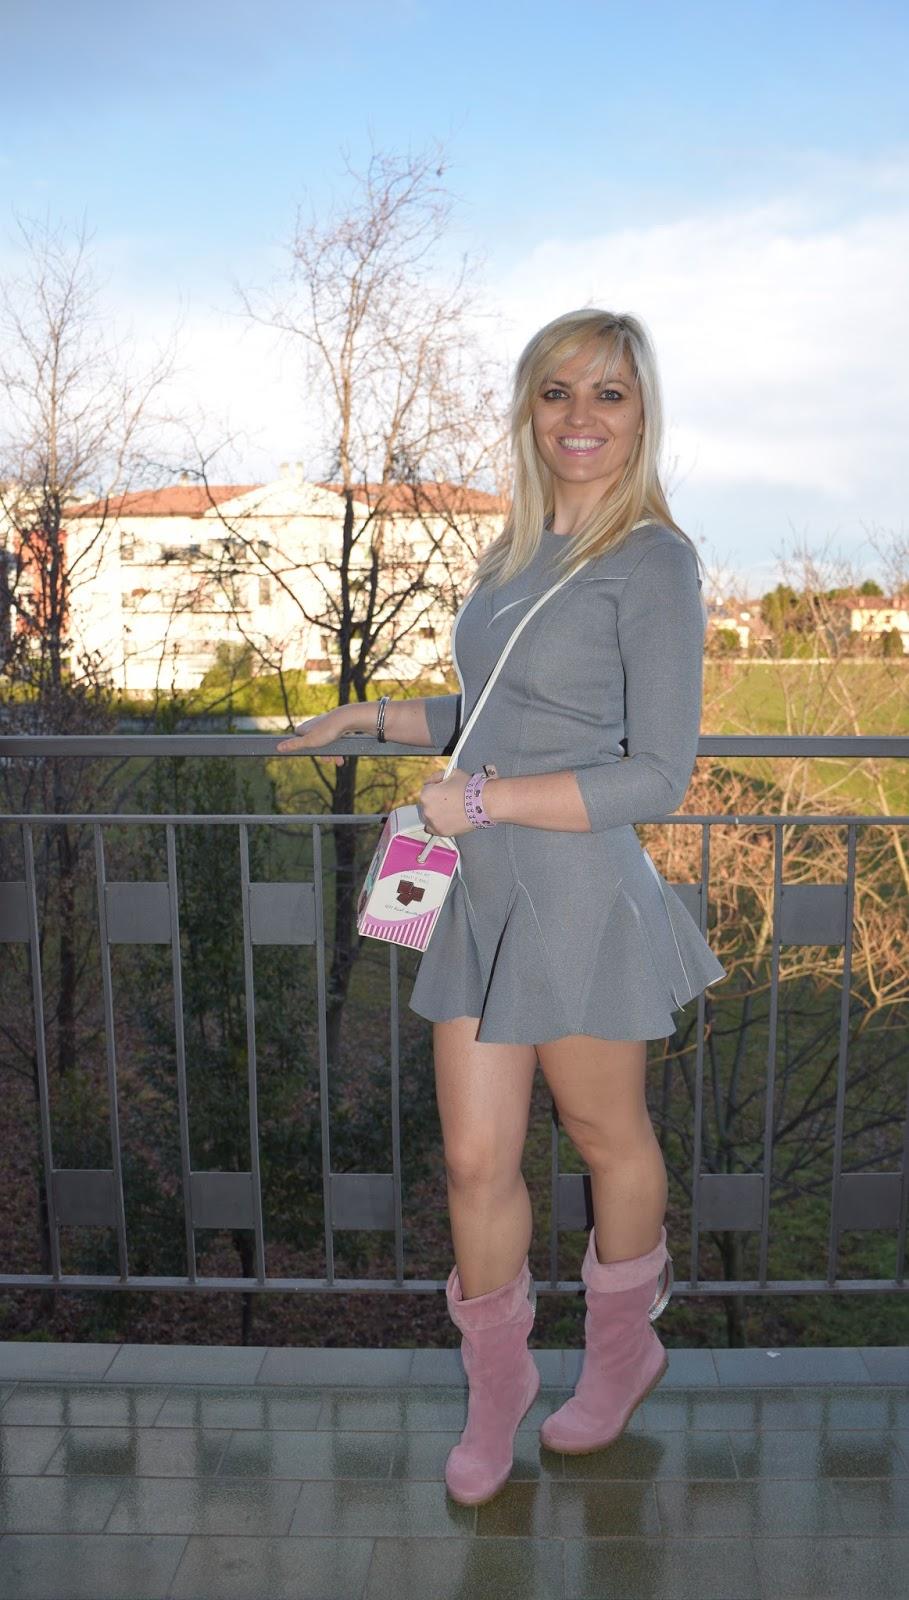 abito grigio come abbinare il grigio abbinamenti grigio outfit invernale grigio outfit gennaio 2017 mariafelicia magno fashion blogger colorblock by felym fashion blogger italiane blogger italiane di moda